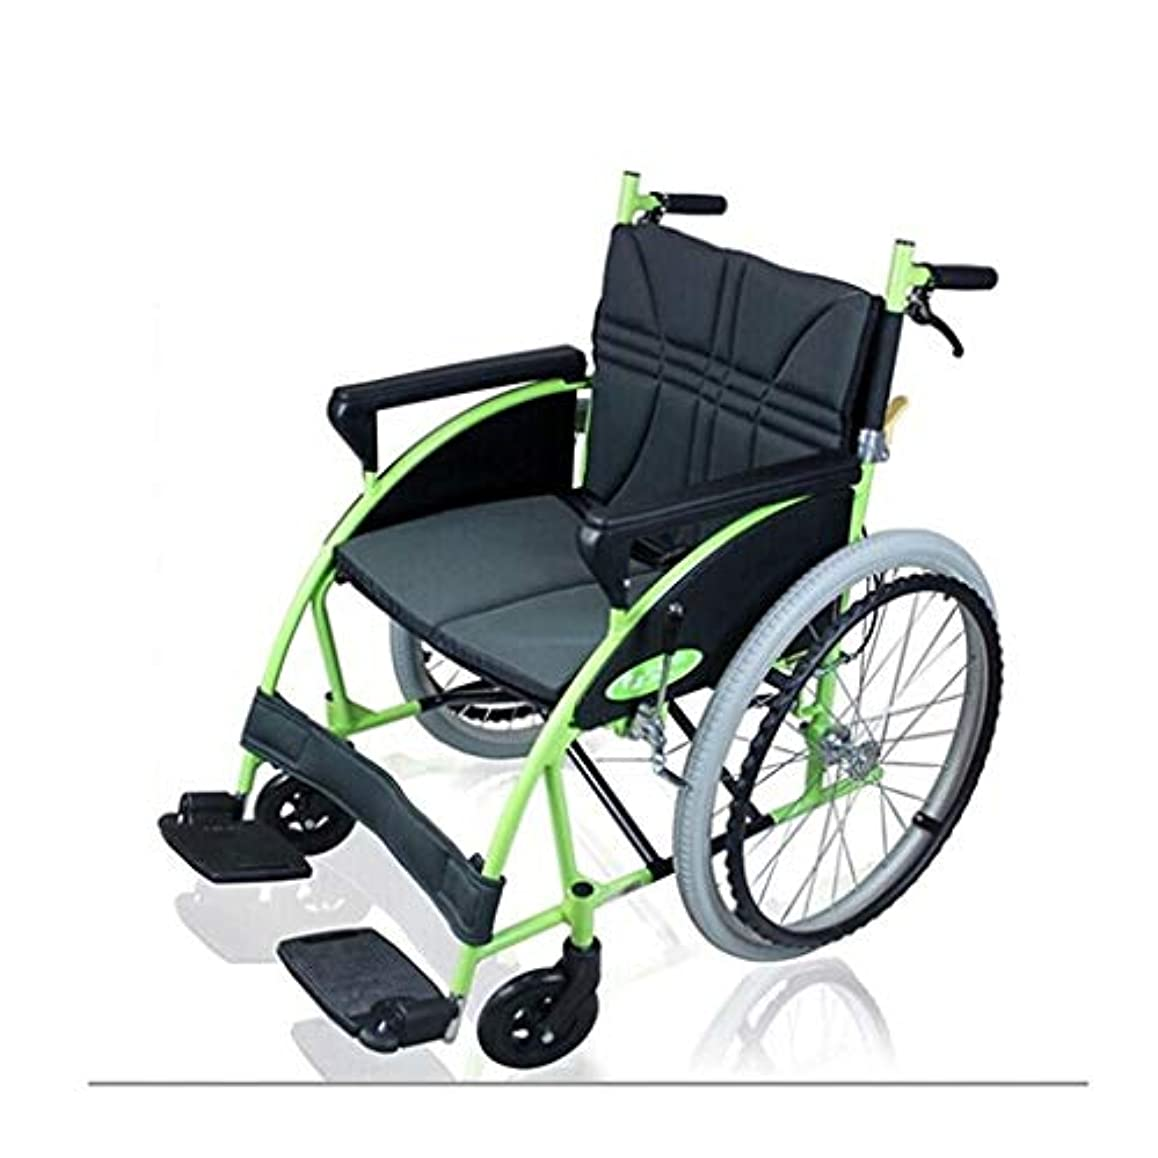 不名誉ゲーム植物学者アルミ合金車椅子折りたたみポータブル障害者高齢者車椅子4ブレーキデザインバックストレージバッグ